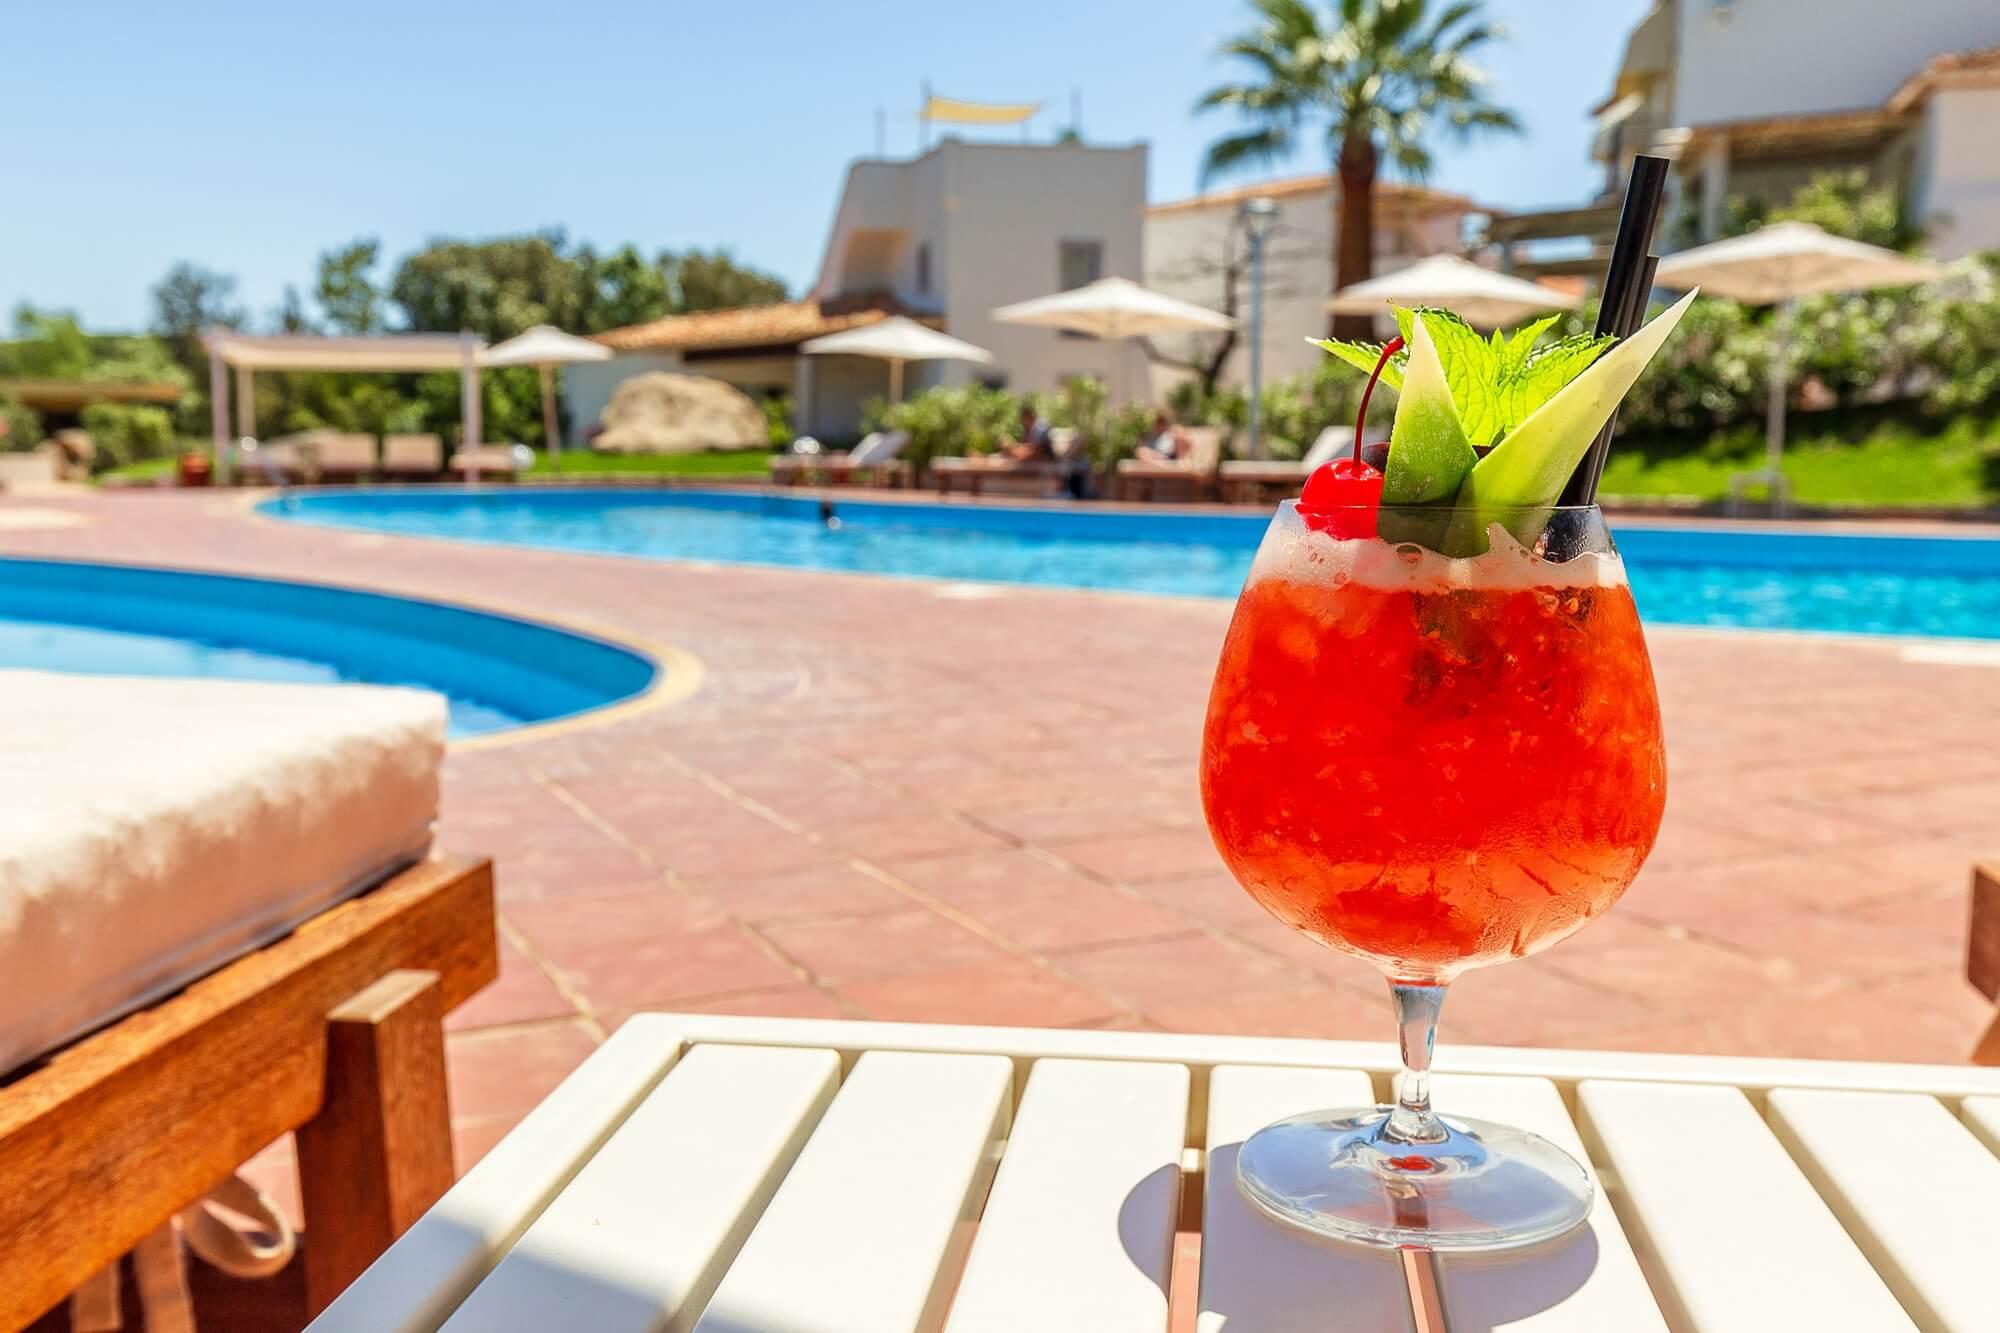 piscina_hotel_corte_bianca_cardedu_004